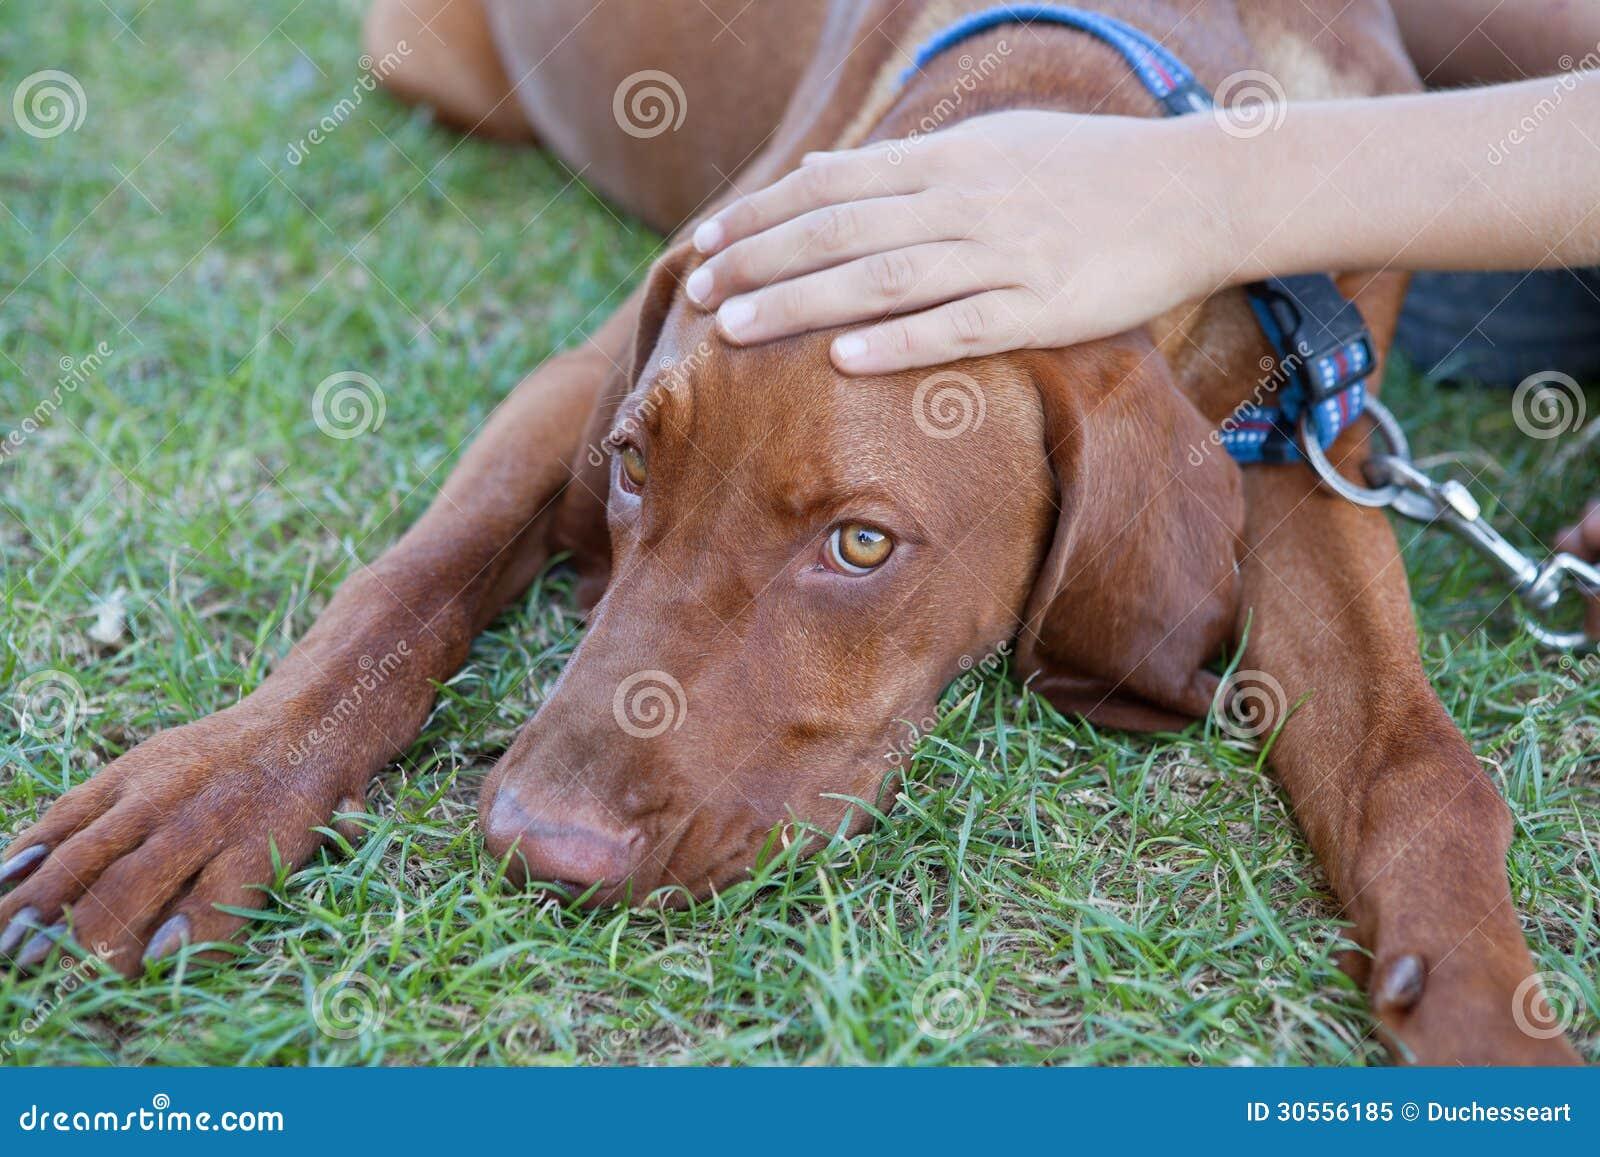 Dog Royalty Free Stock Photo - Image: 30556185